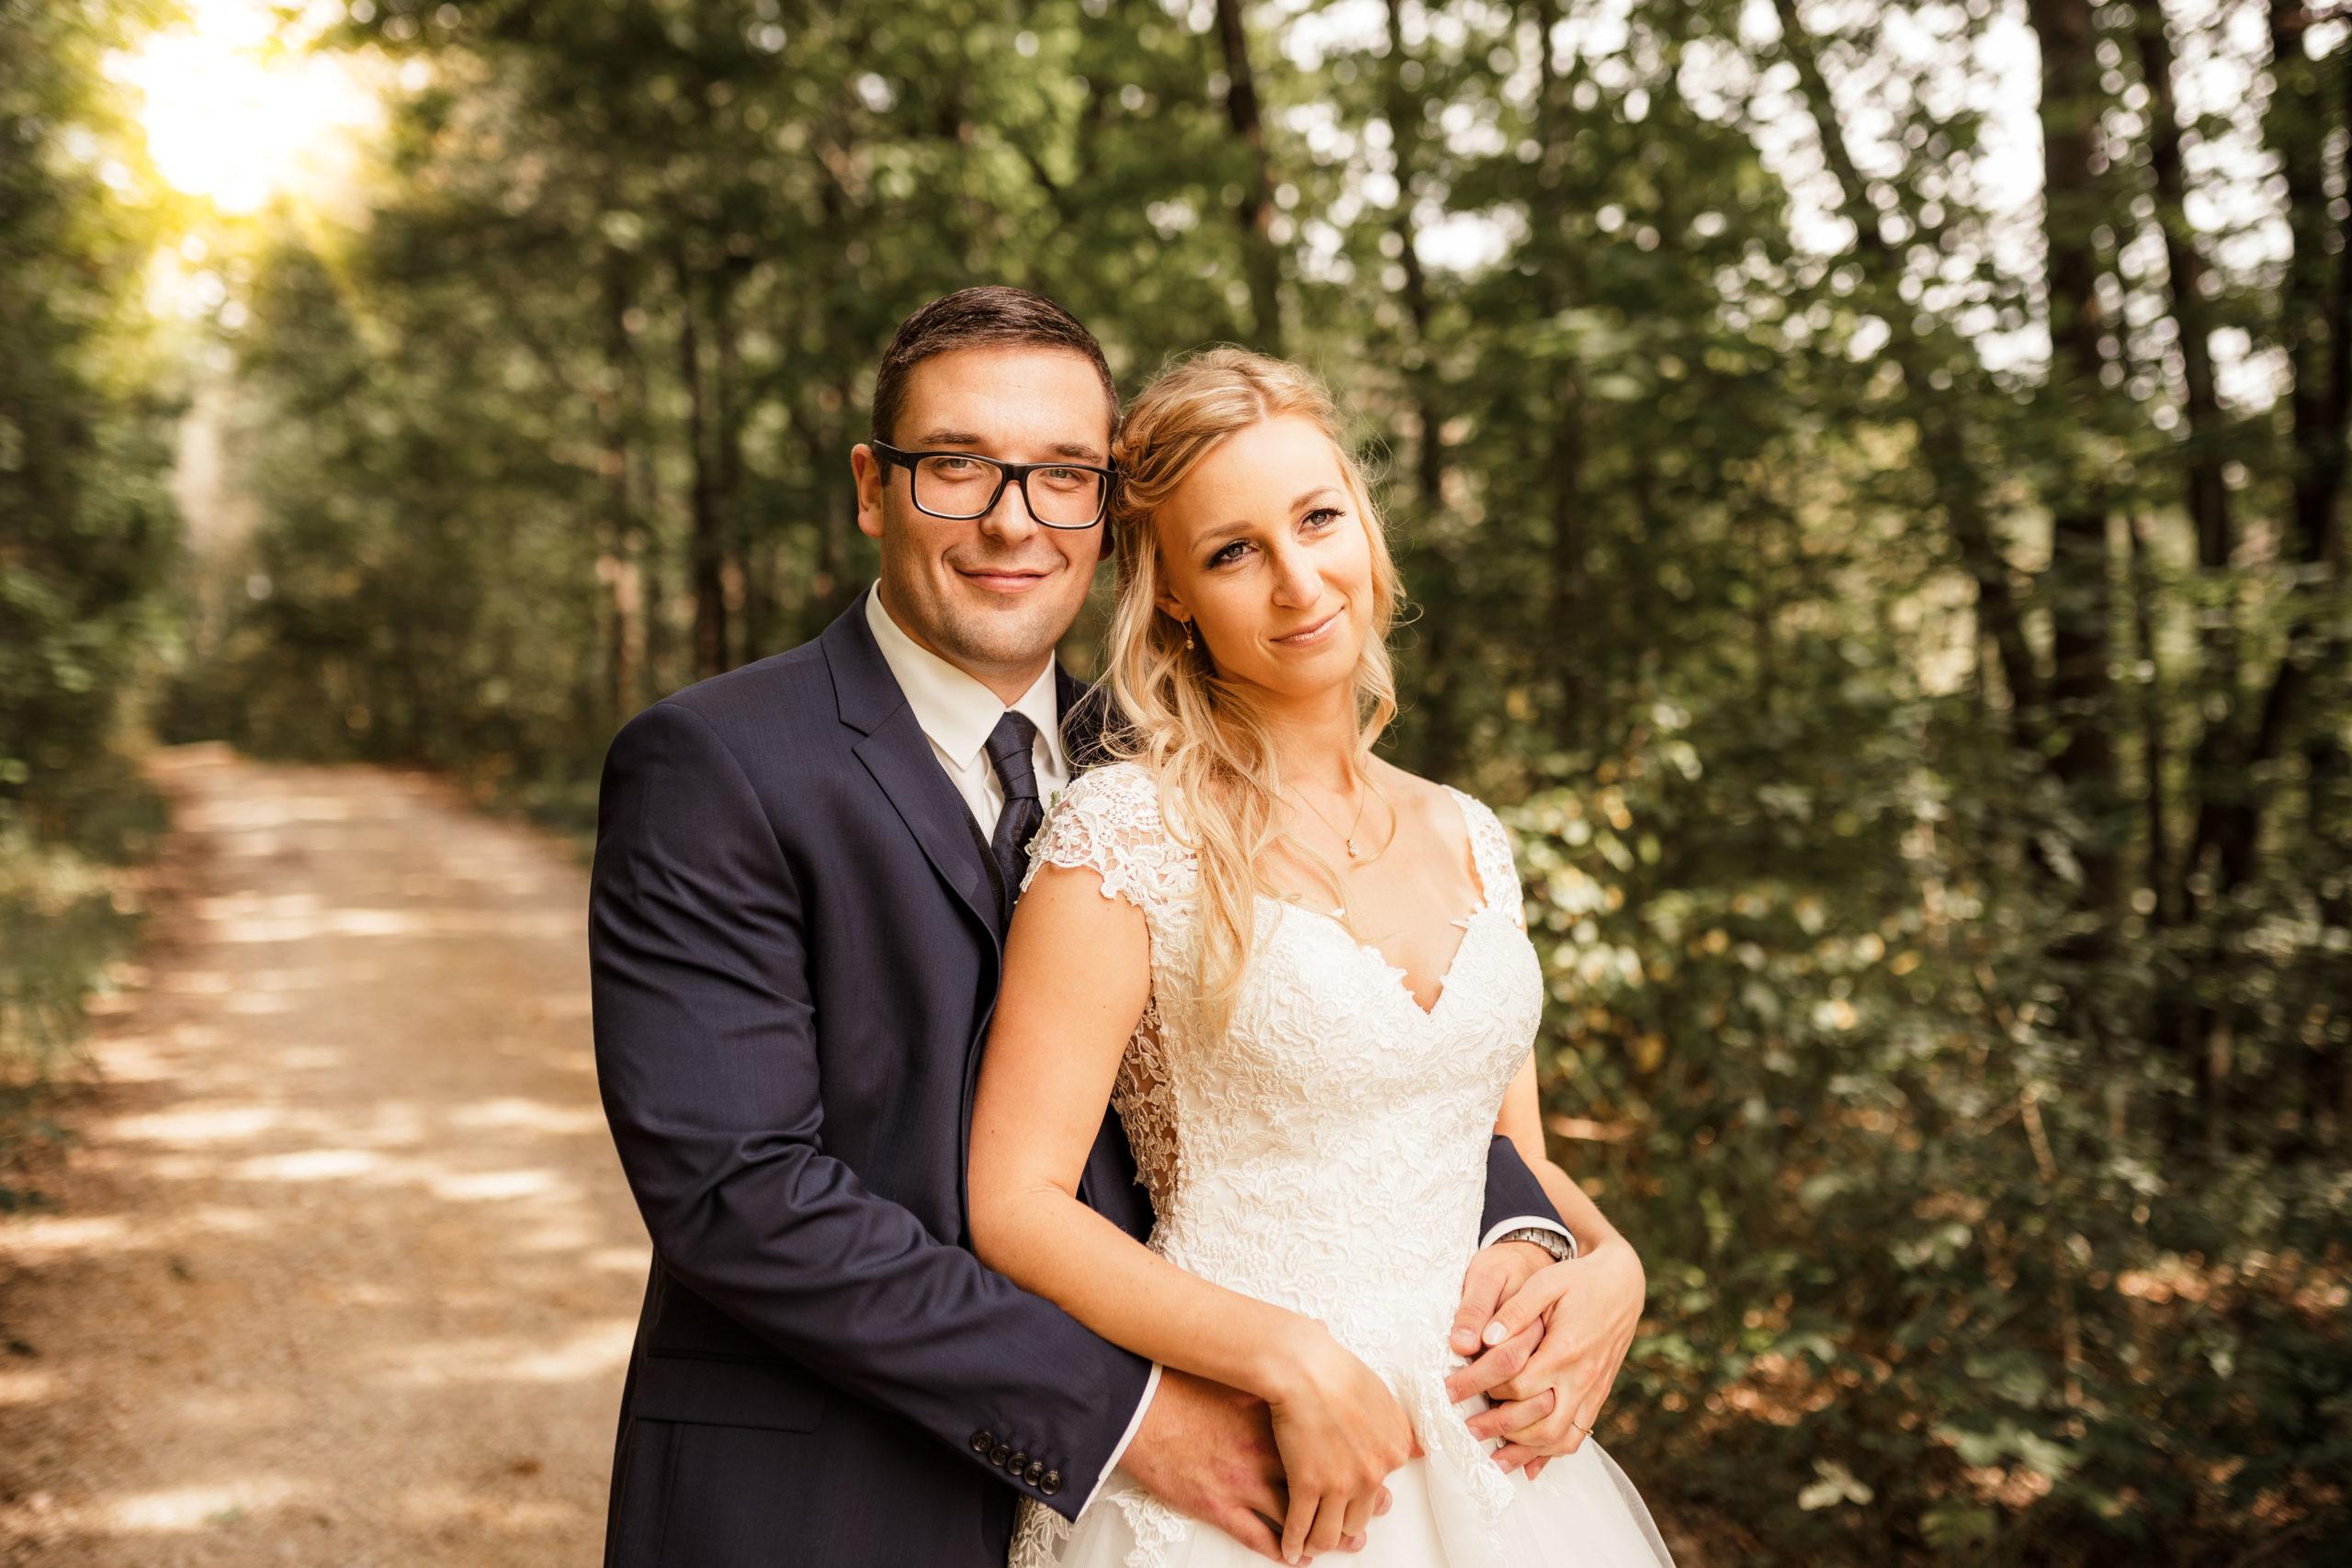 Janin & Dominik